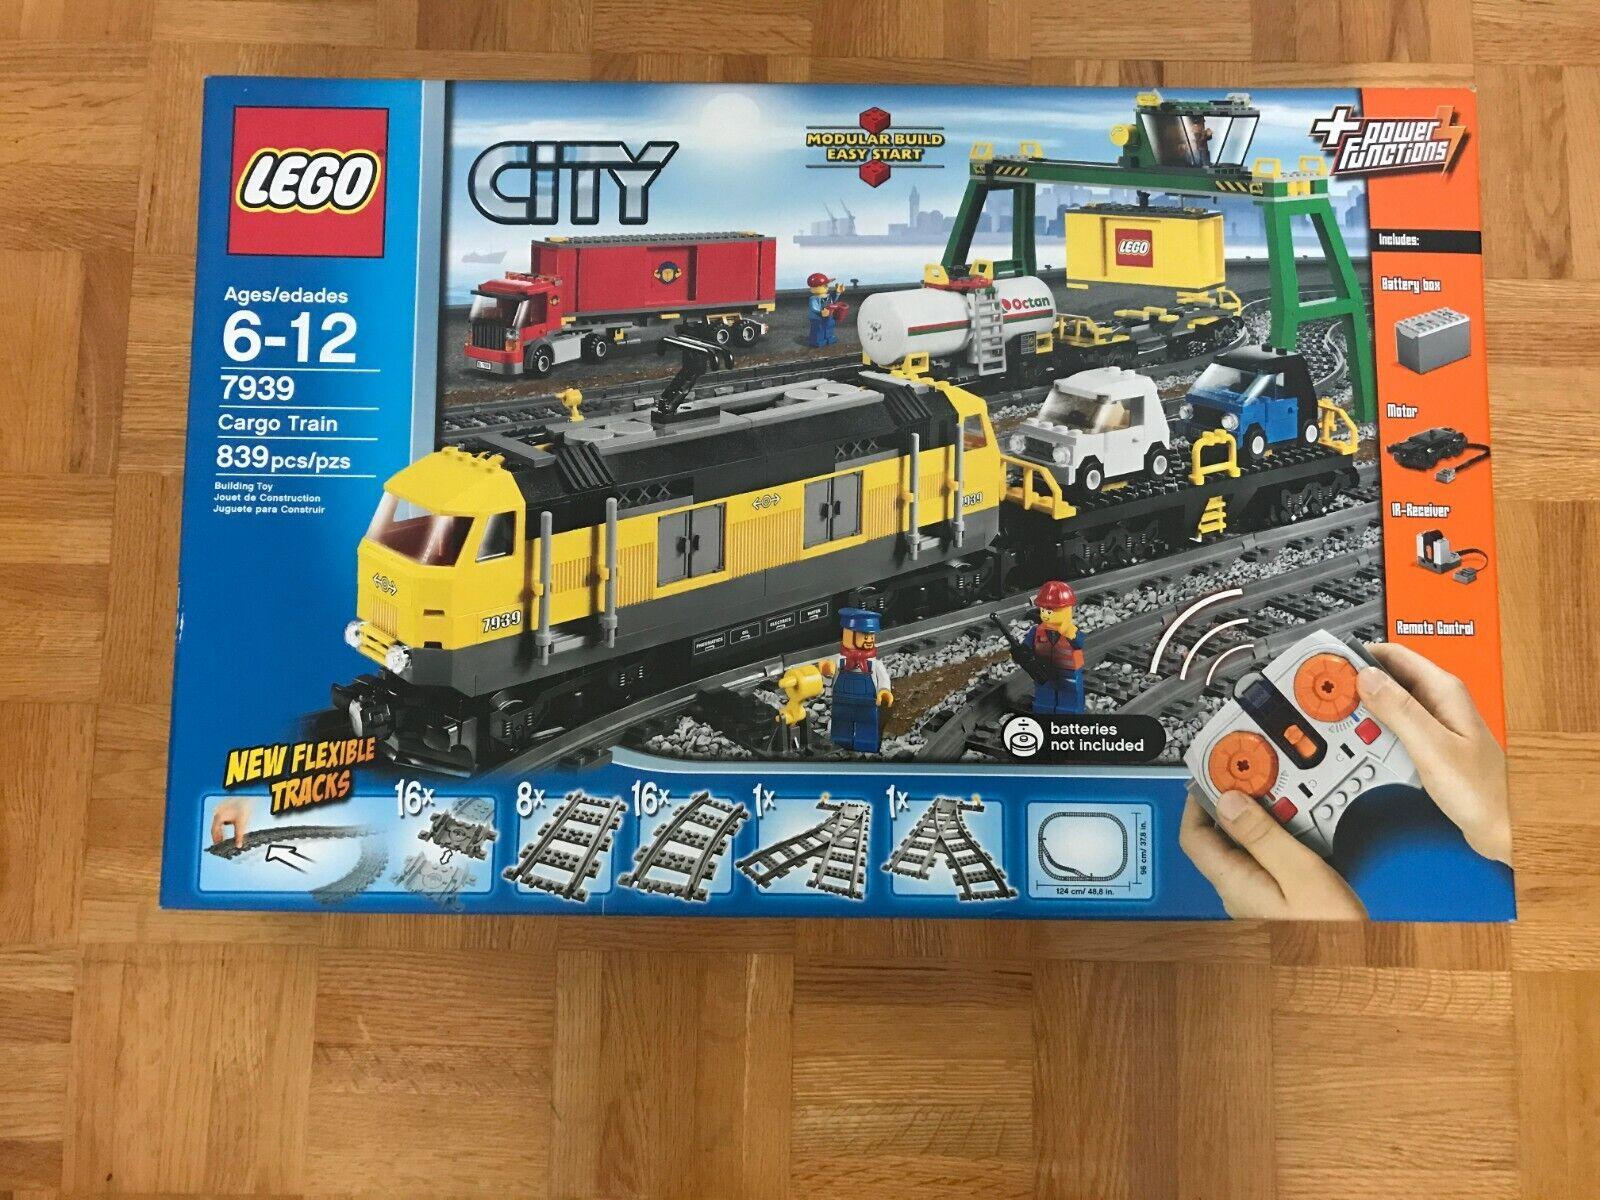 7939 LEGO città autogo Train-Bre nuovo,  Sealed, Excellent scatola Condition  Prezzo al piano